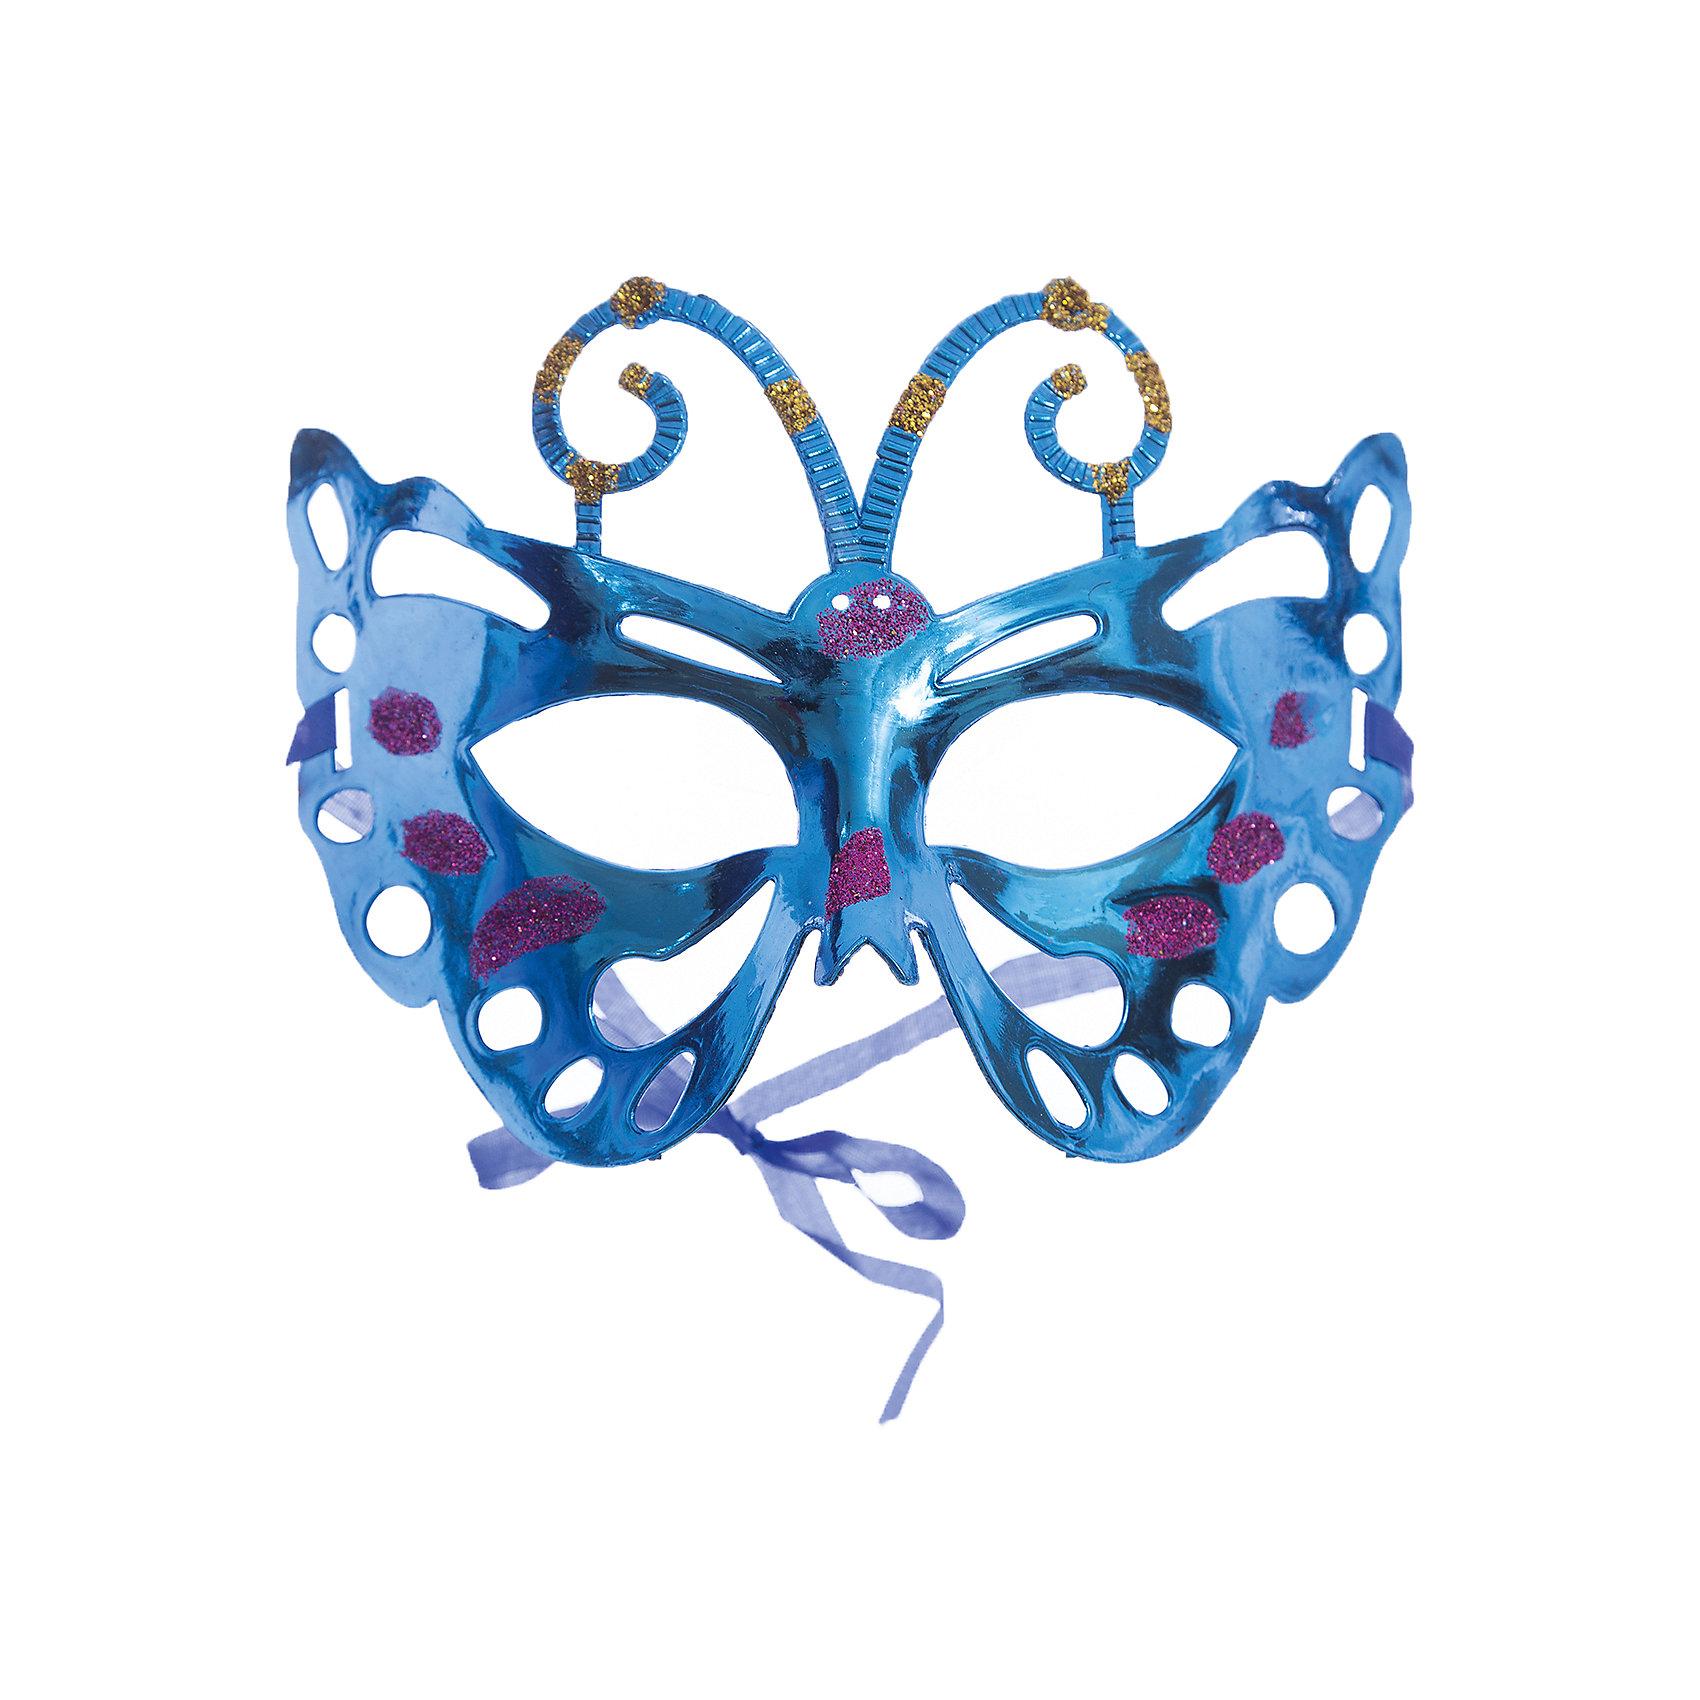 Маскарадная маска СиняяМаскарадная маска - отличный новогодний аксессуар! Блестящая маска подойдет к любому наряду и эффектно дополнит праздничный образ. <br><br>Дополнительная информация:<br><br>- Материал: ПВХ. <br>- Размер: 22х14 см.<br>- Крепится с помощью атласной ленты. <br><br>Маскарадную маску Синюю можно купить в нашем магазине.<br><br>Ширина мм: 220<br>Глубина мм: 130<br>Высота мм: 10<br>Вес г: 28<br>Возраст от месяцев: 36<br>Возраст до месяцев: 2147483647<br>Пол: Унисекс<br>Возраст: Детский<br>SKU: 4981301